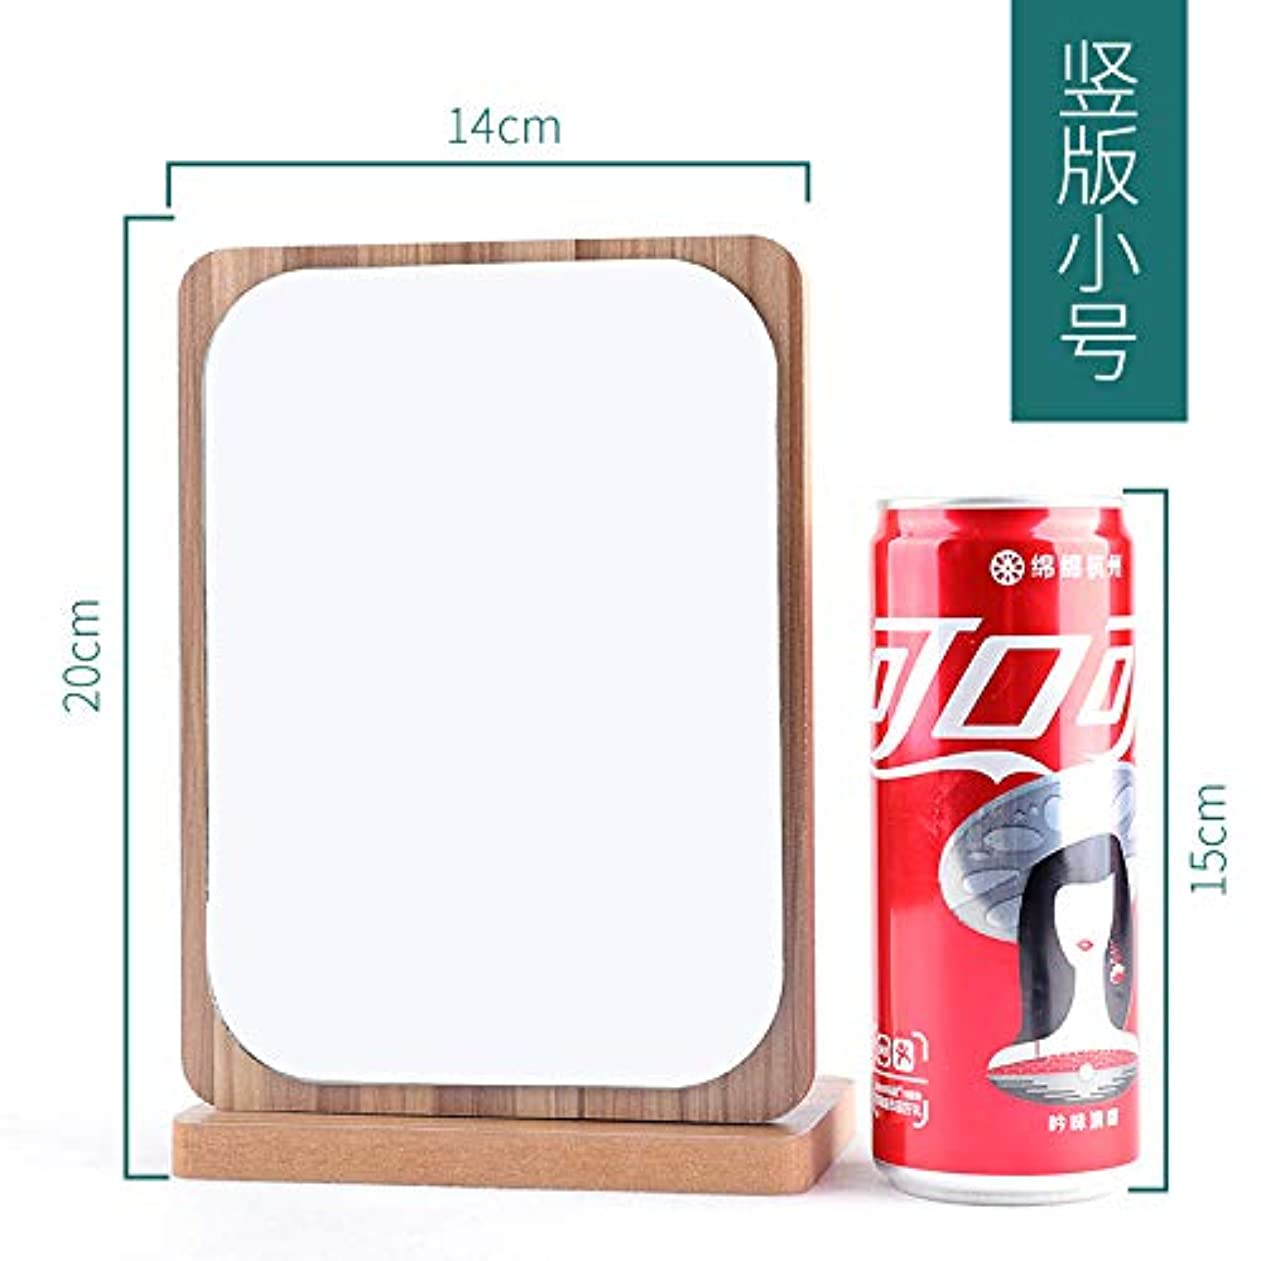 へこみスマートタックル木製の折りたたみ化粧鏡のテーブルトップは、大きなポータブルハンドミラーにすることができます